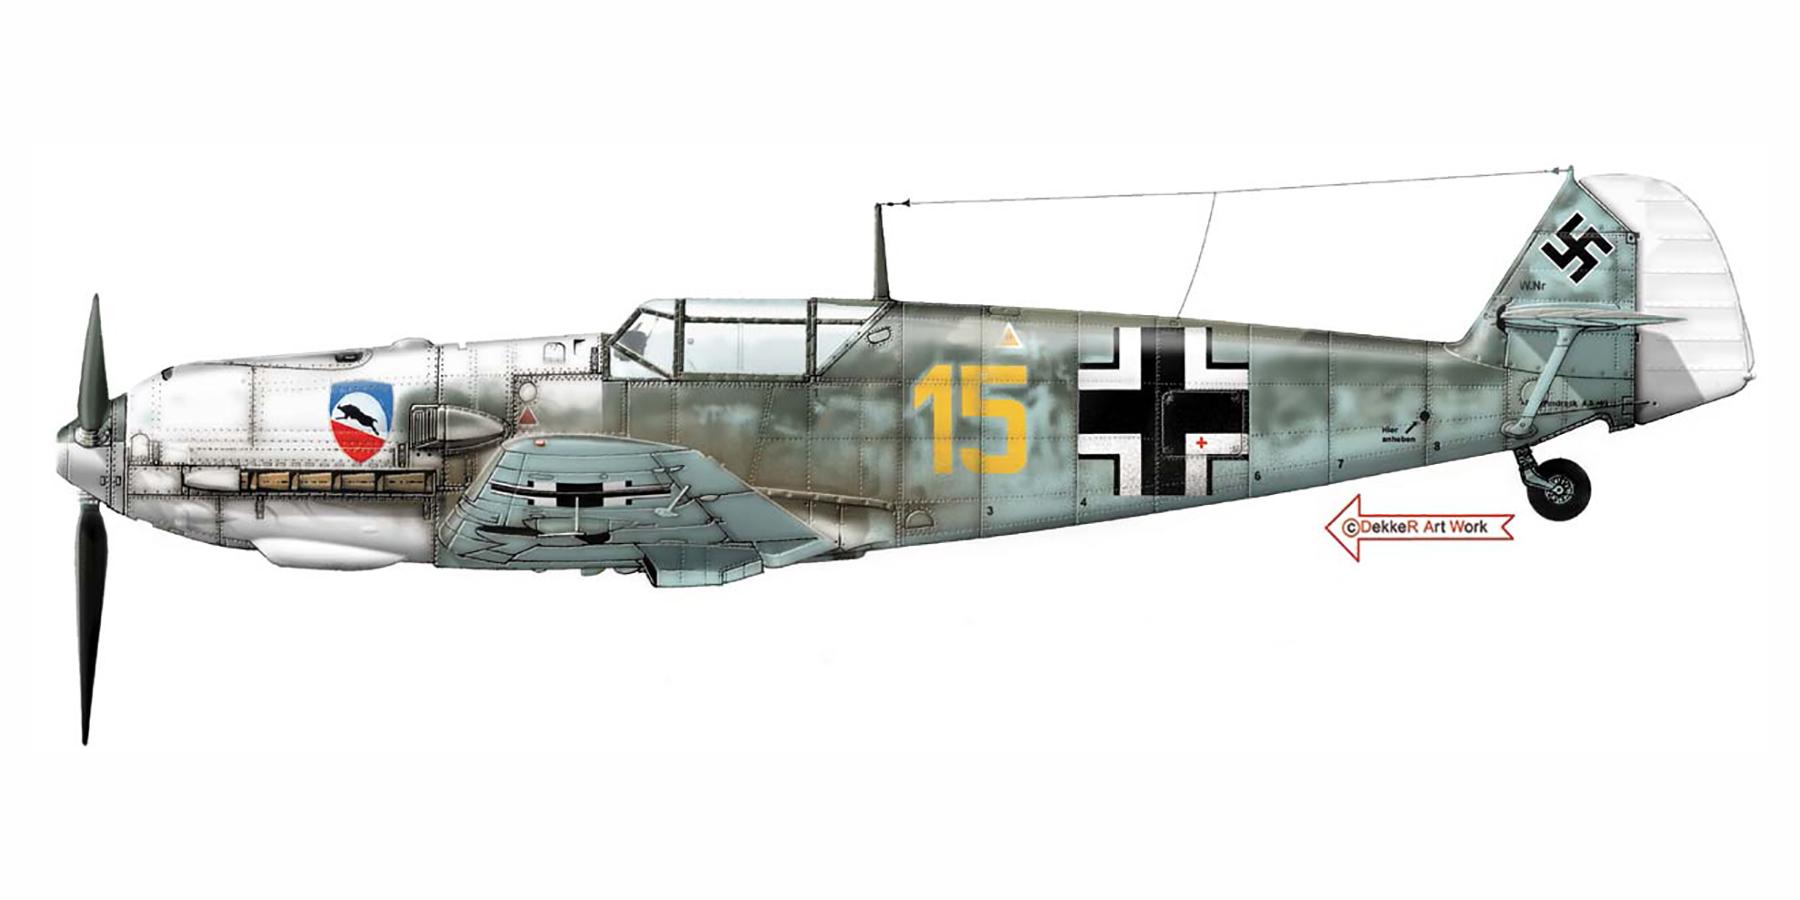 Messerschmitt Bf 109E3 3.JG52 Yellow 15 Kurt Wolff crash landed France 30th Aug 1940 0B